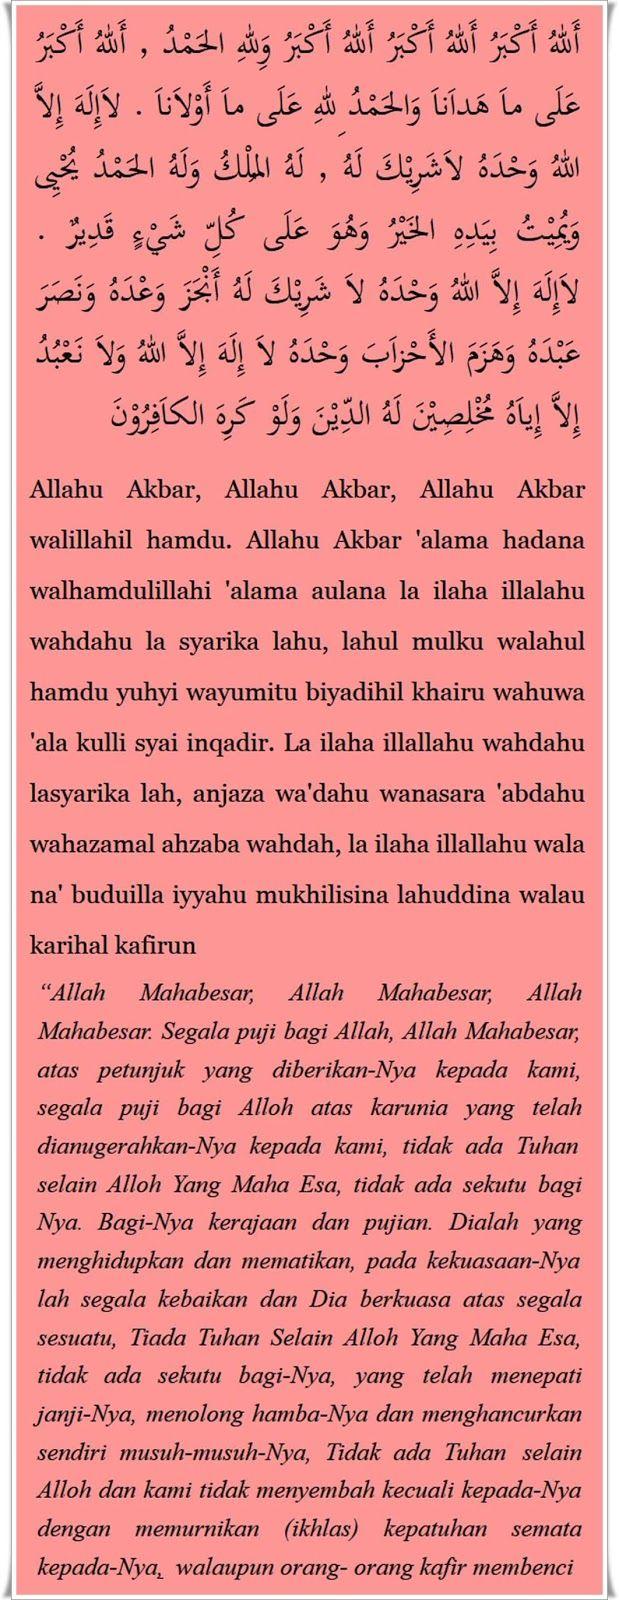 Bacaan Doa Saat Di Bukit Shafa Marwa Sambil Melihat Kabah Teks